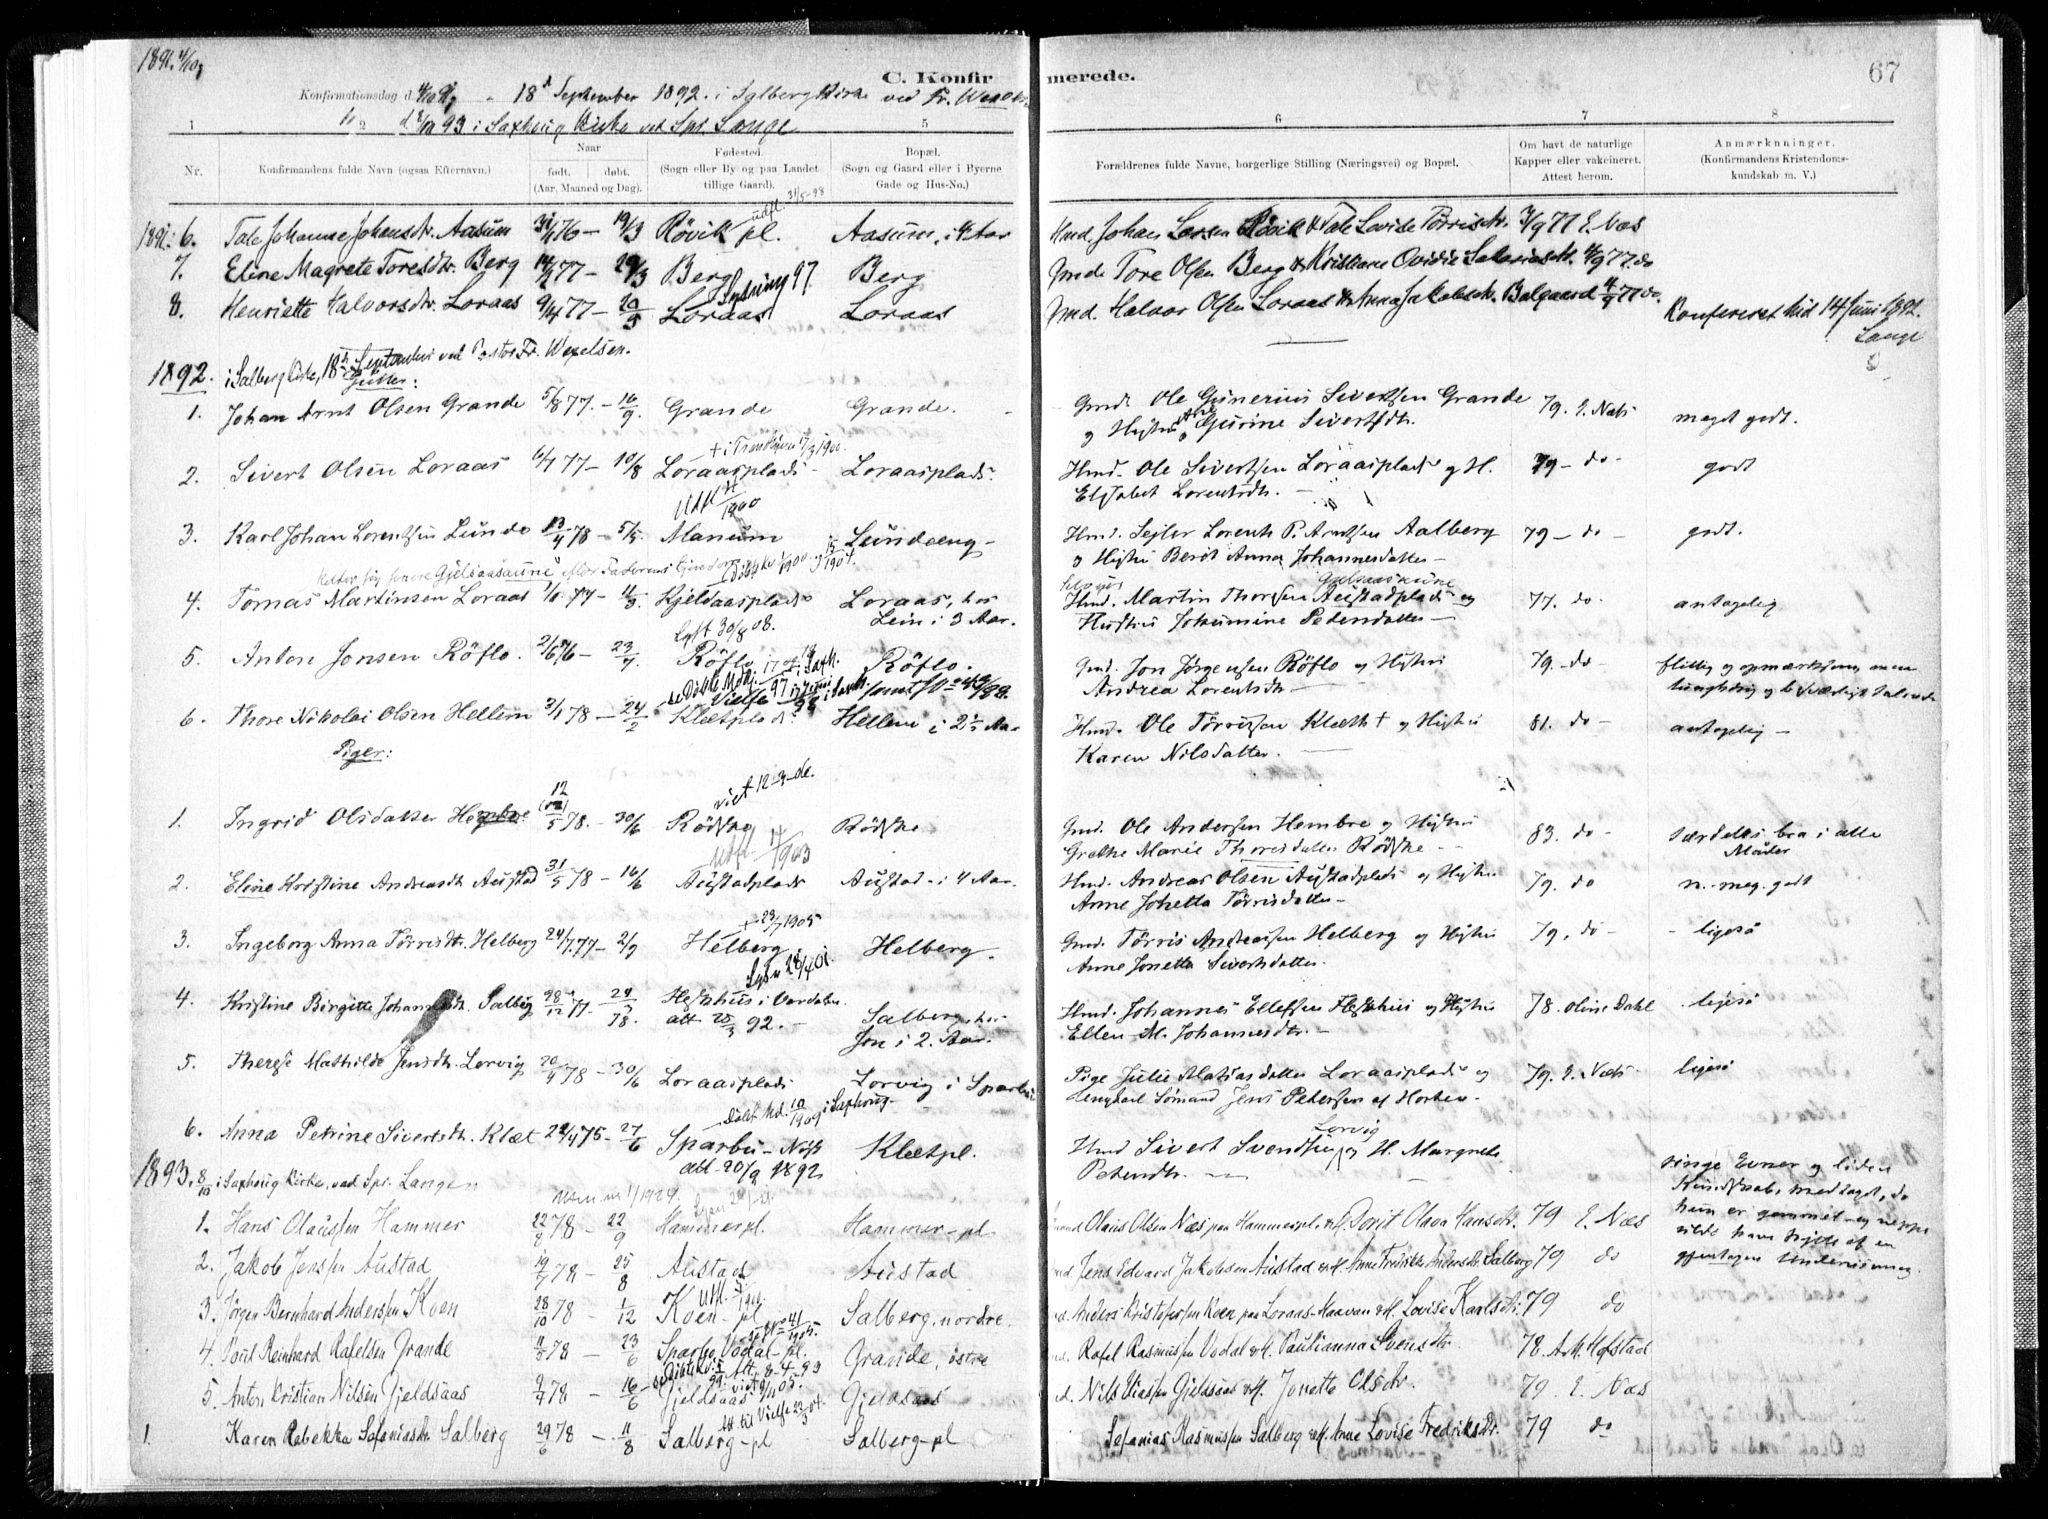 SAT, Ministerialprotokoller, klokkerbøker og fødselsregistre - Nord-Trøndelag, 731/L0309: Ministerialbok nr. 731A01, 1879-1918, s. 67